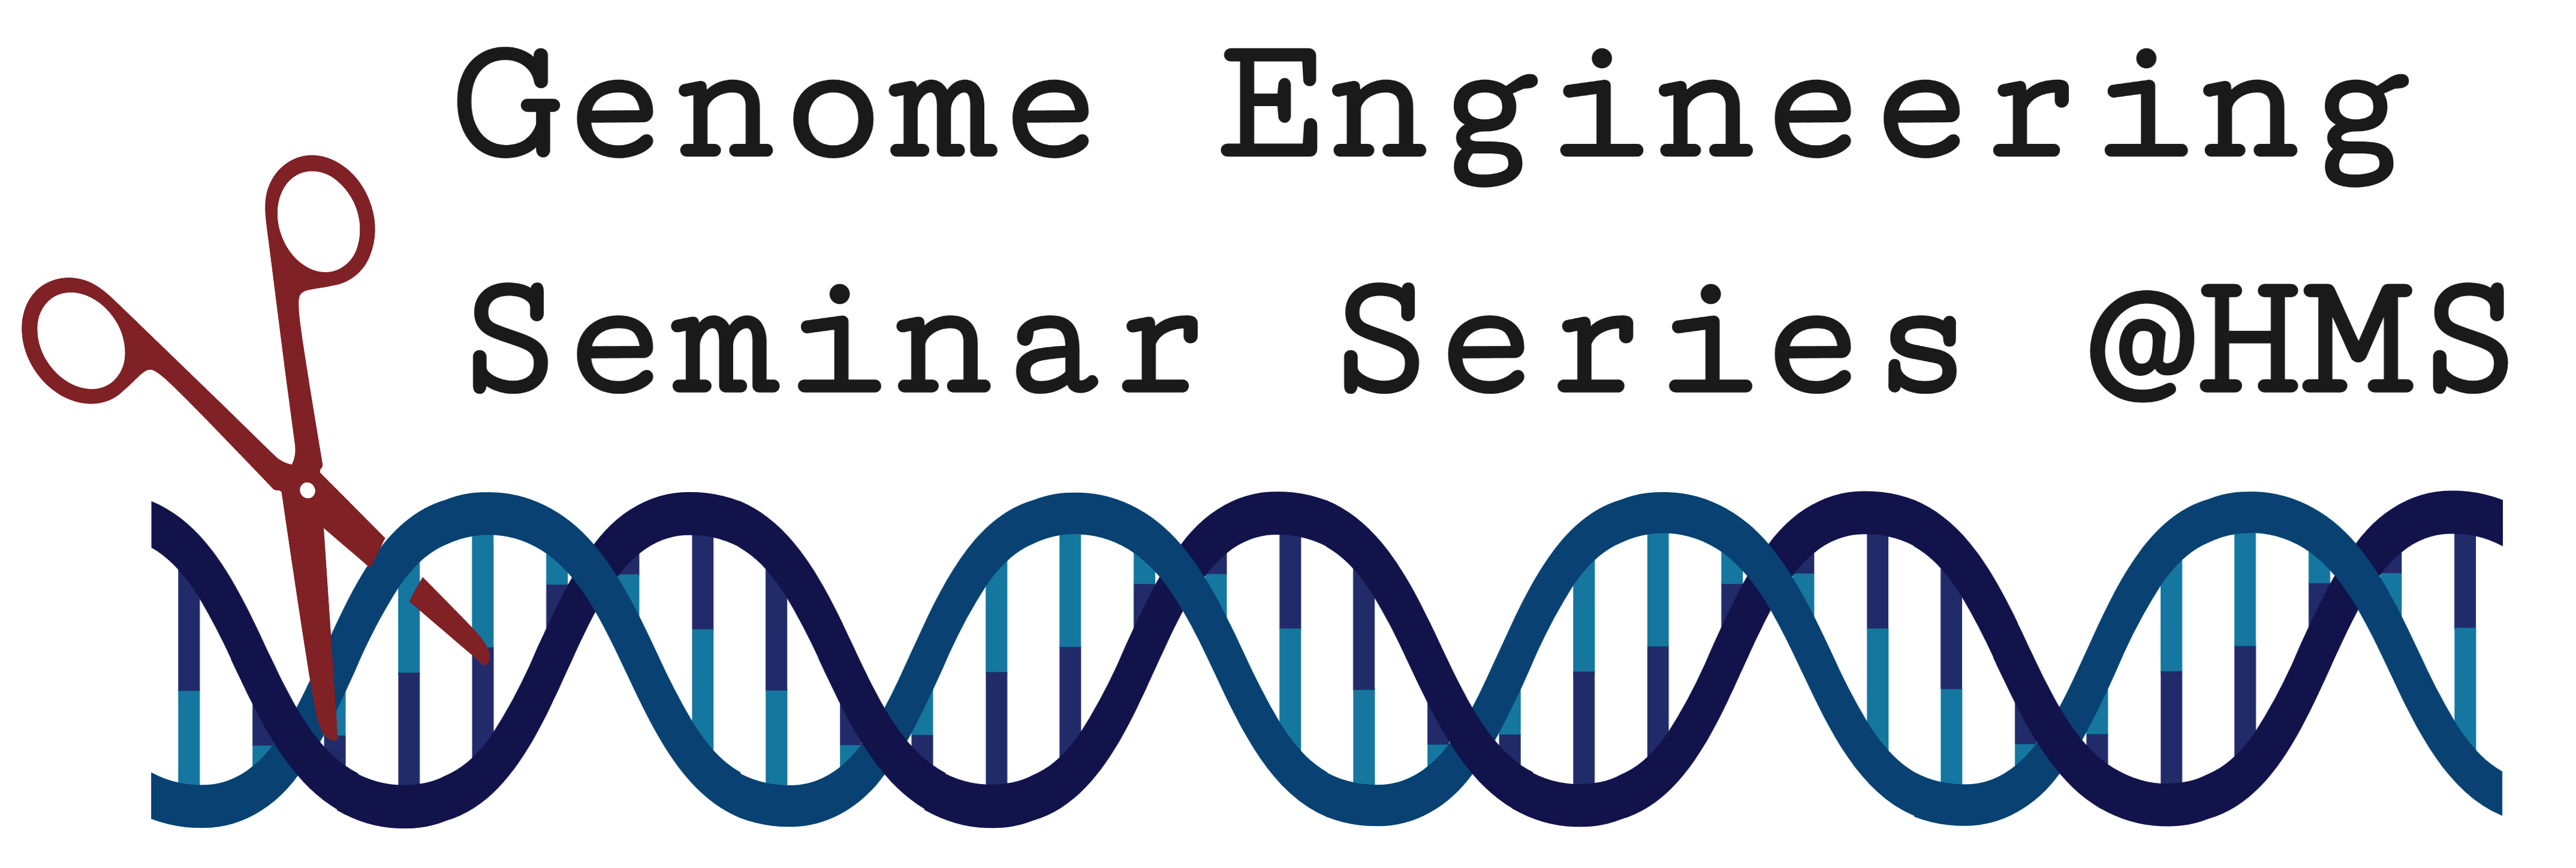 Genome Engineering Seminar Series @HMS (GESS)